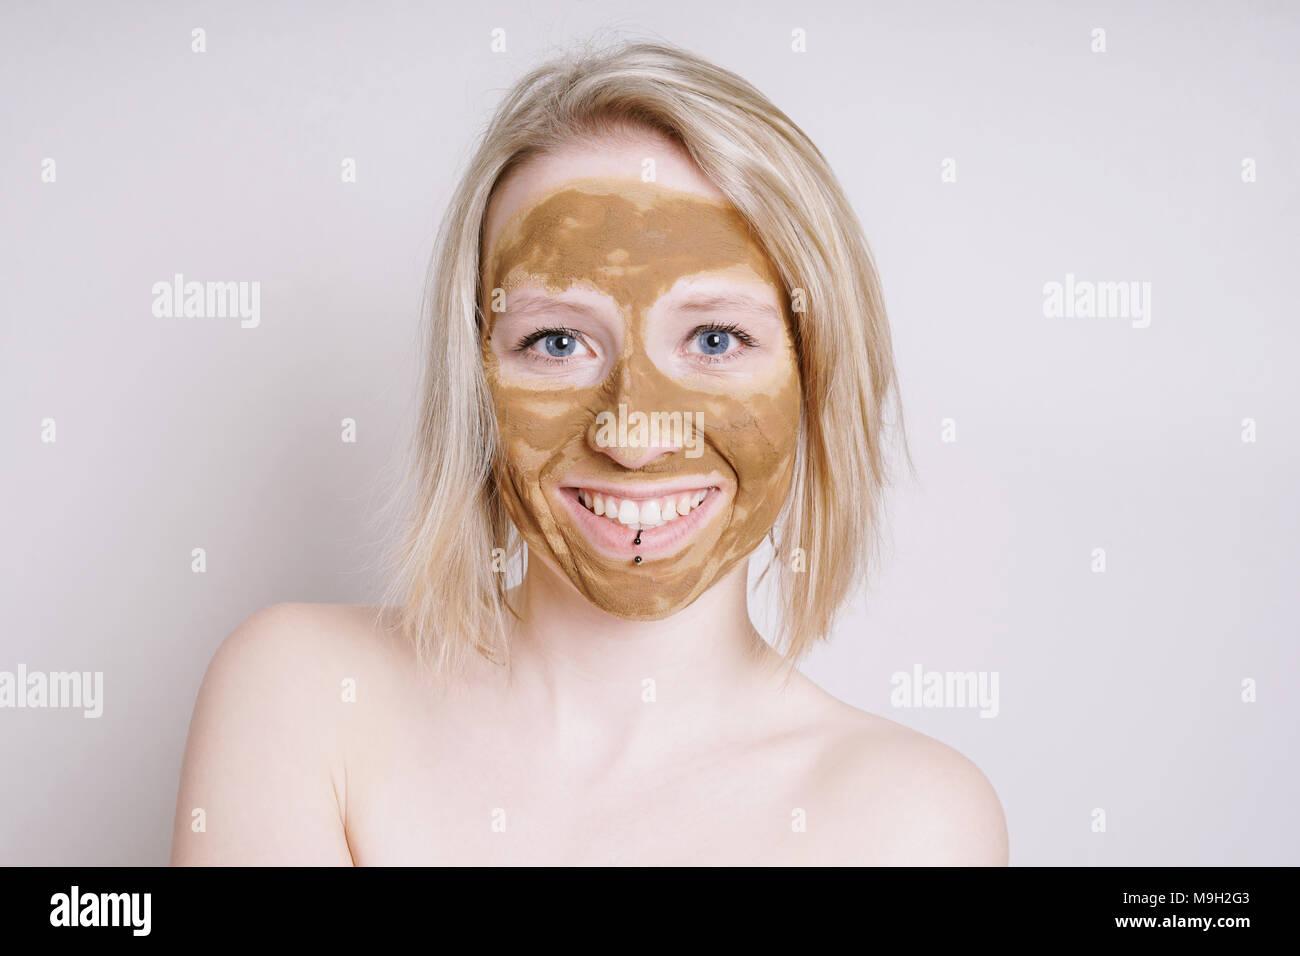 Junge Frau mit der Heilung der Erde oder Lehm beauty Gesichtsmaske Stockbild